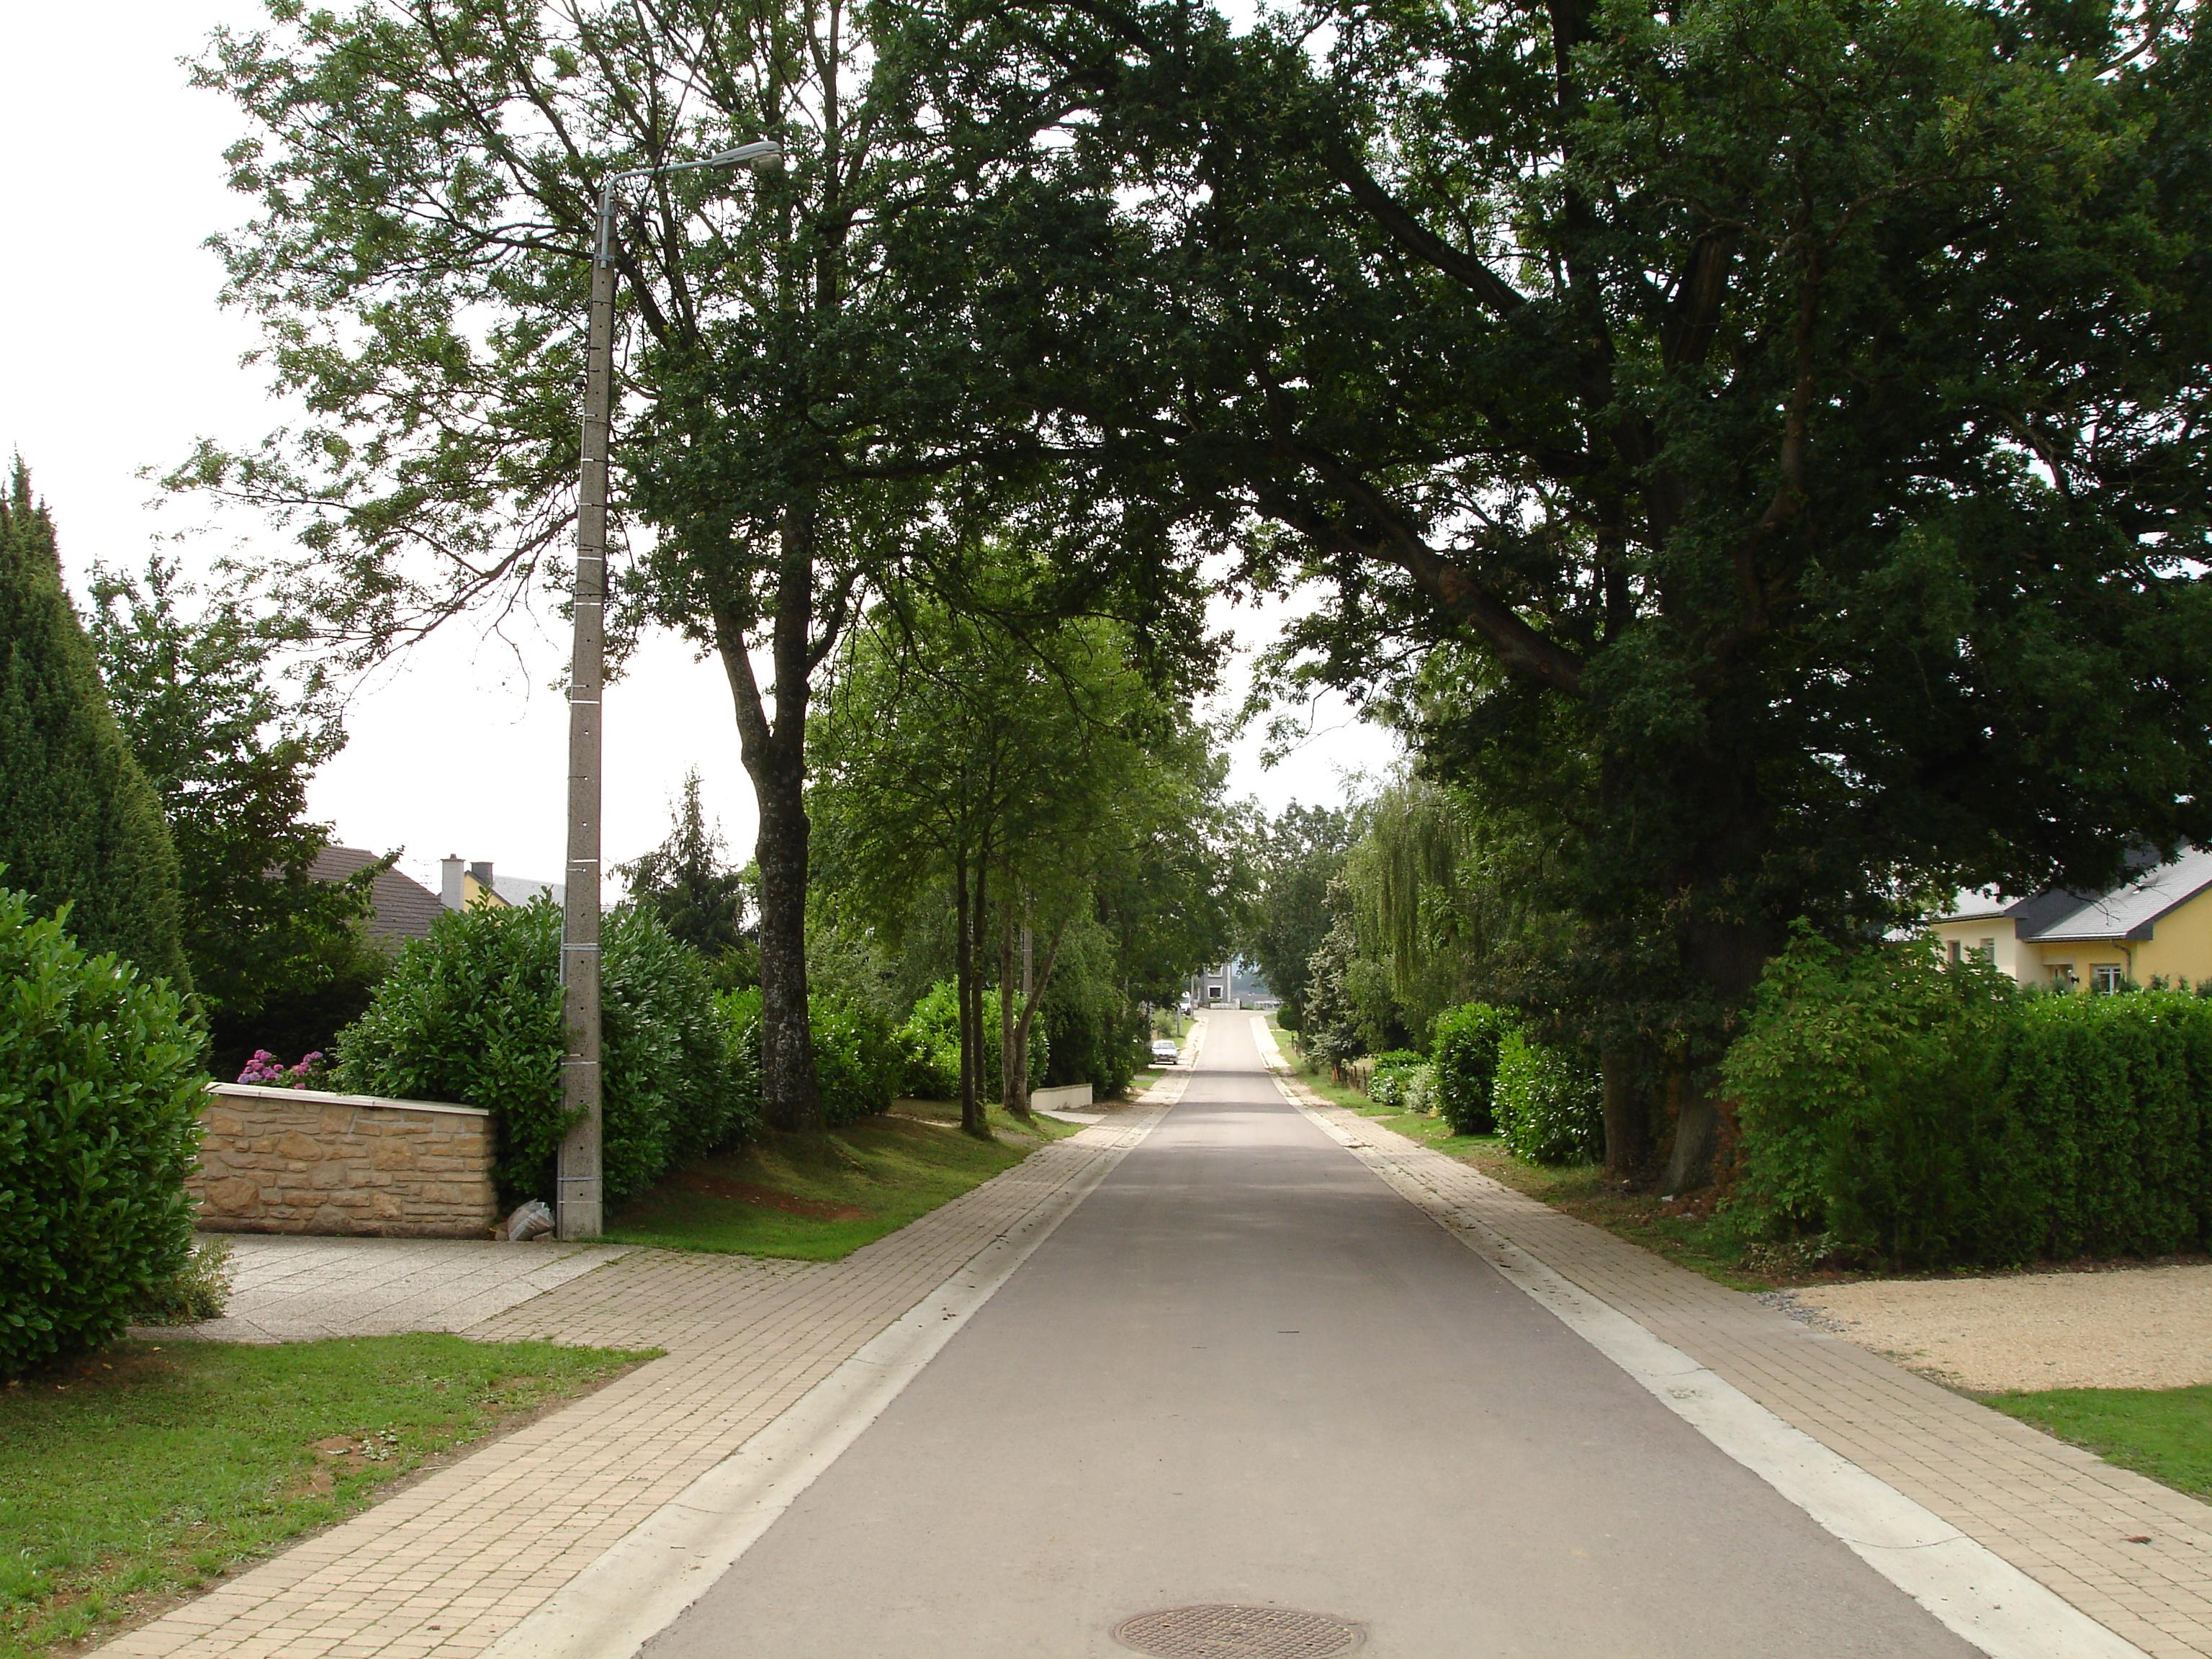 Rue du Chêne